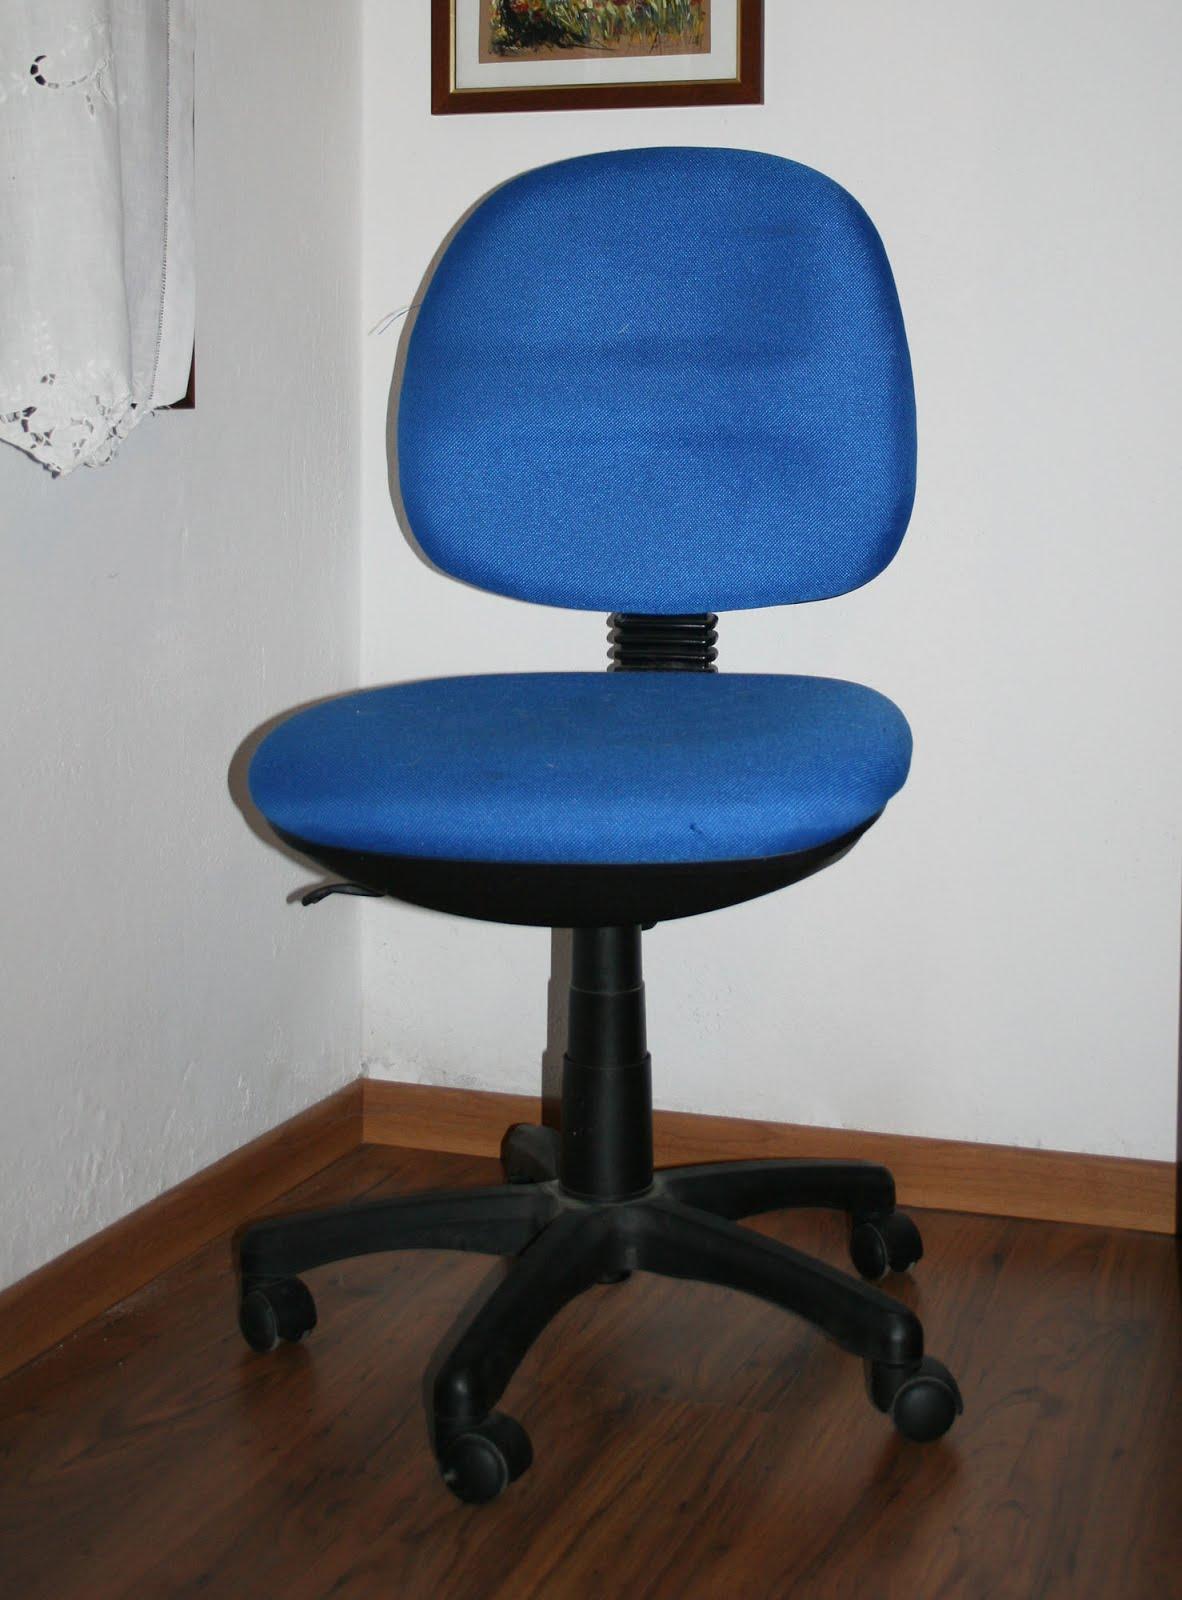 Creo decoro e rinnovo rivestire una sedia da ufficio for Sedute da ufficio